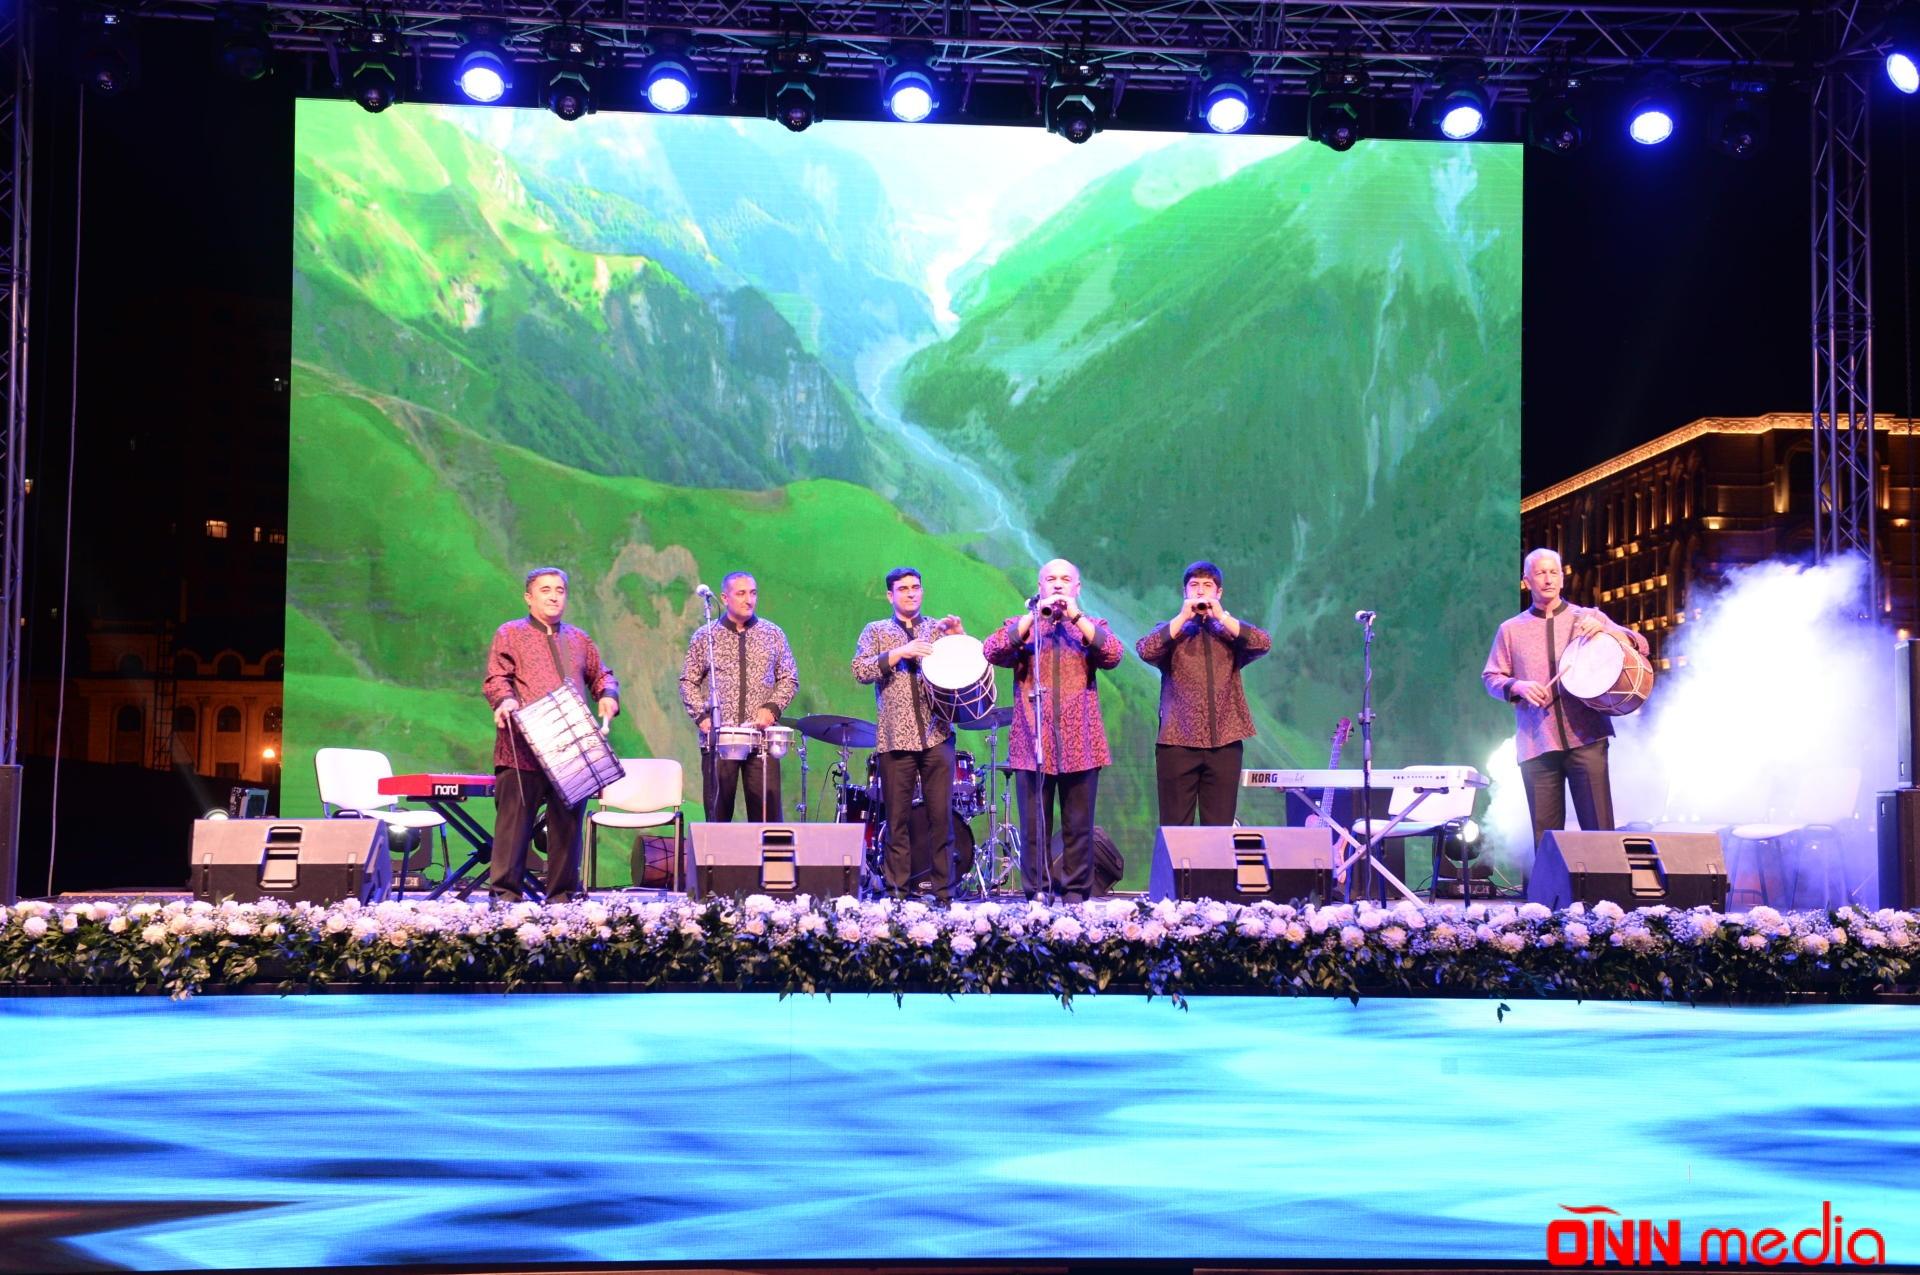 Heydər Əliyev Mərkəzinin parkında muğam-caz konserti olub